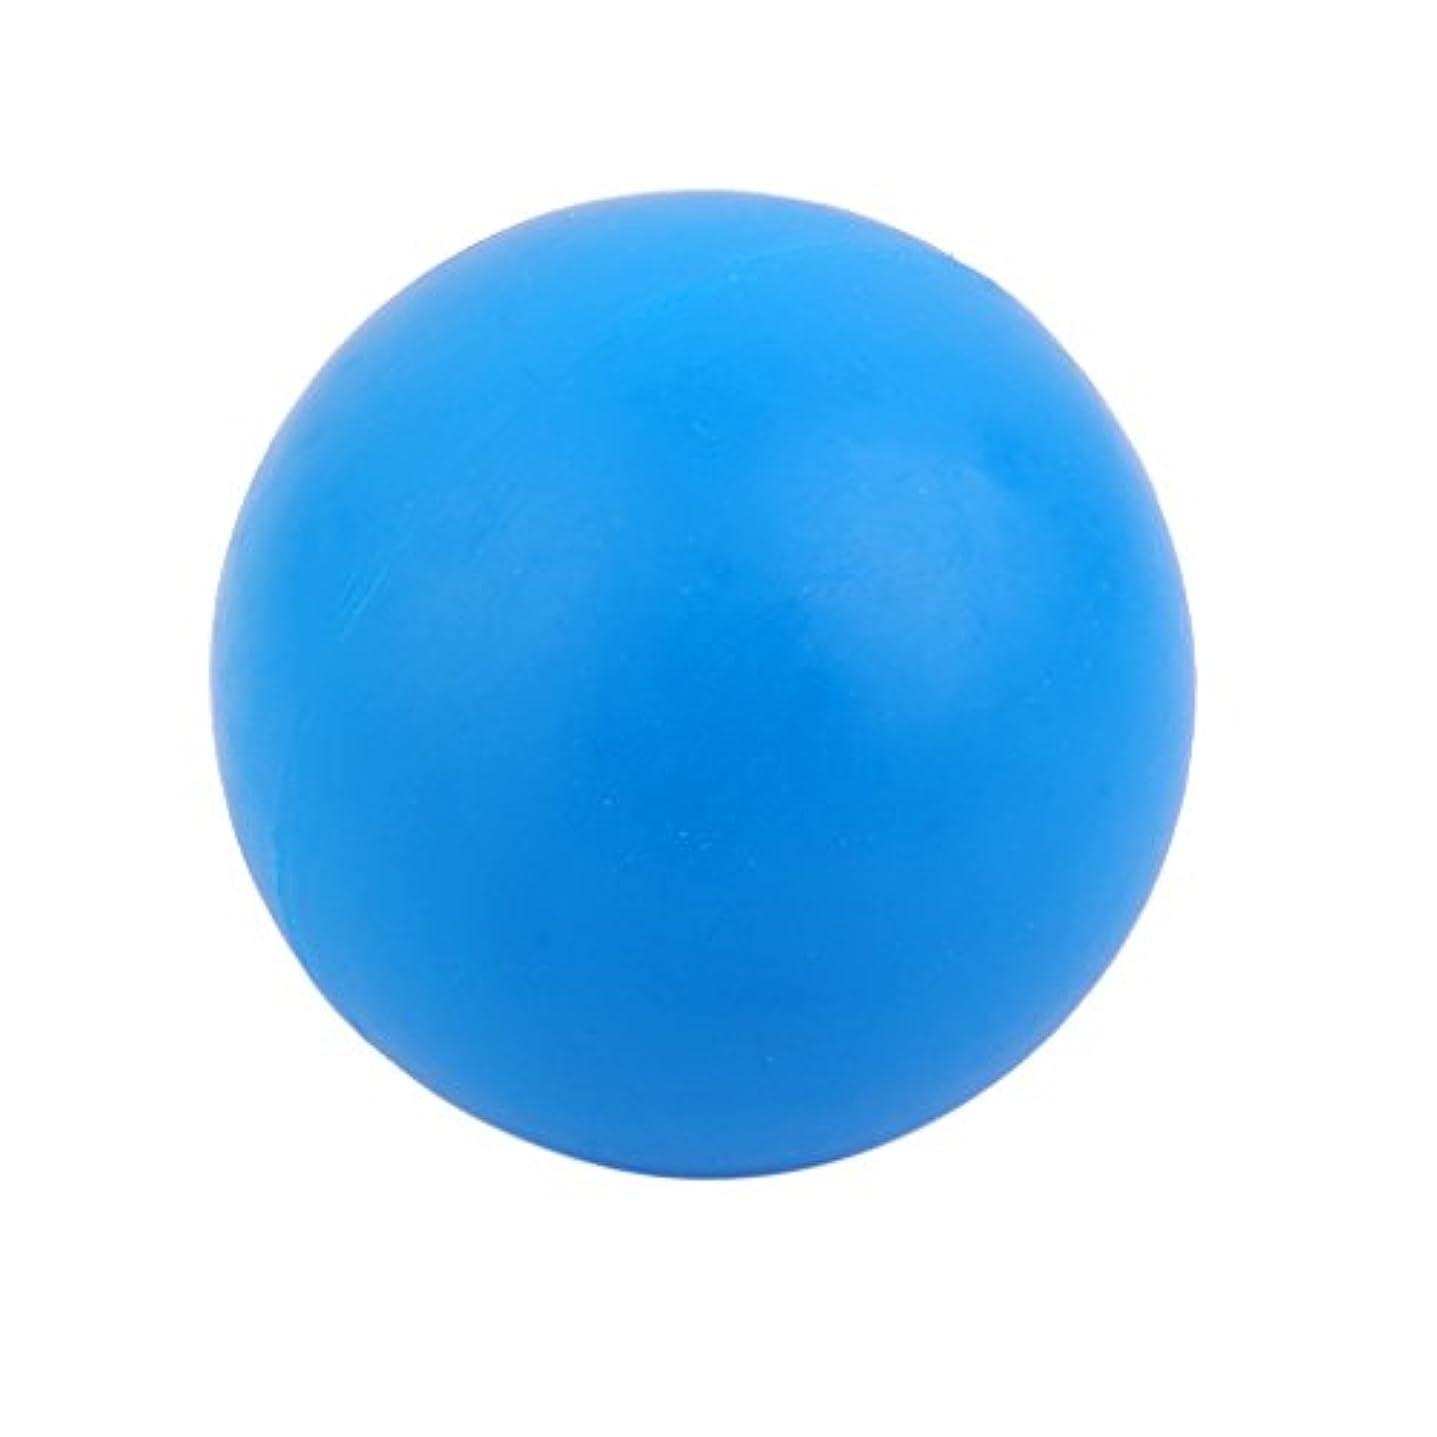 趣味誤解させるカロリーマッサージボール 反応ボール トレーニングボール